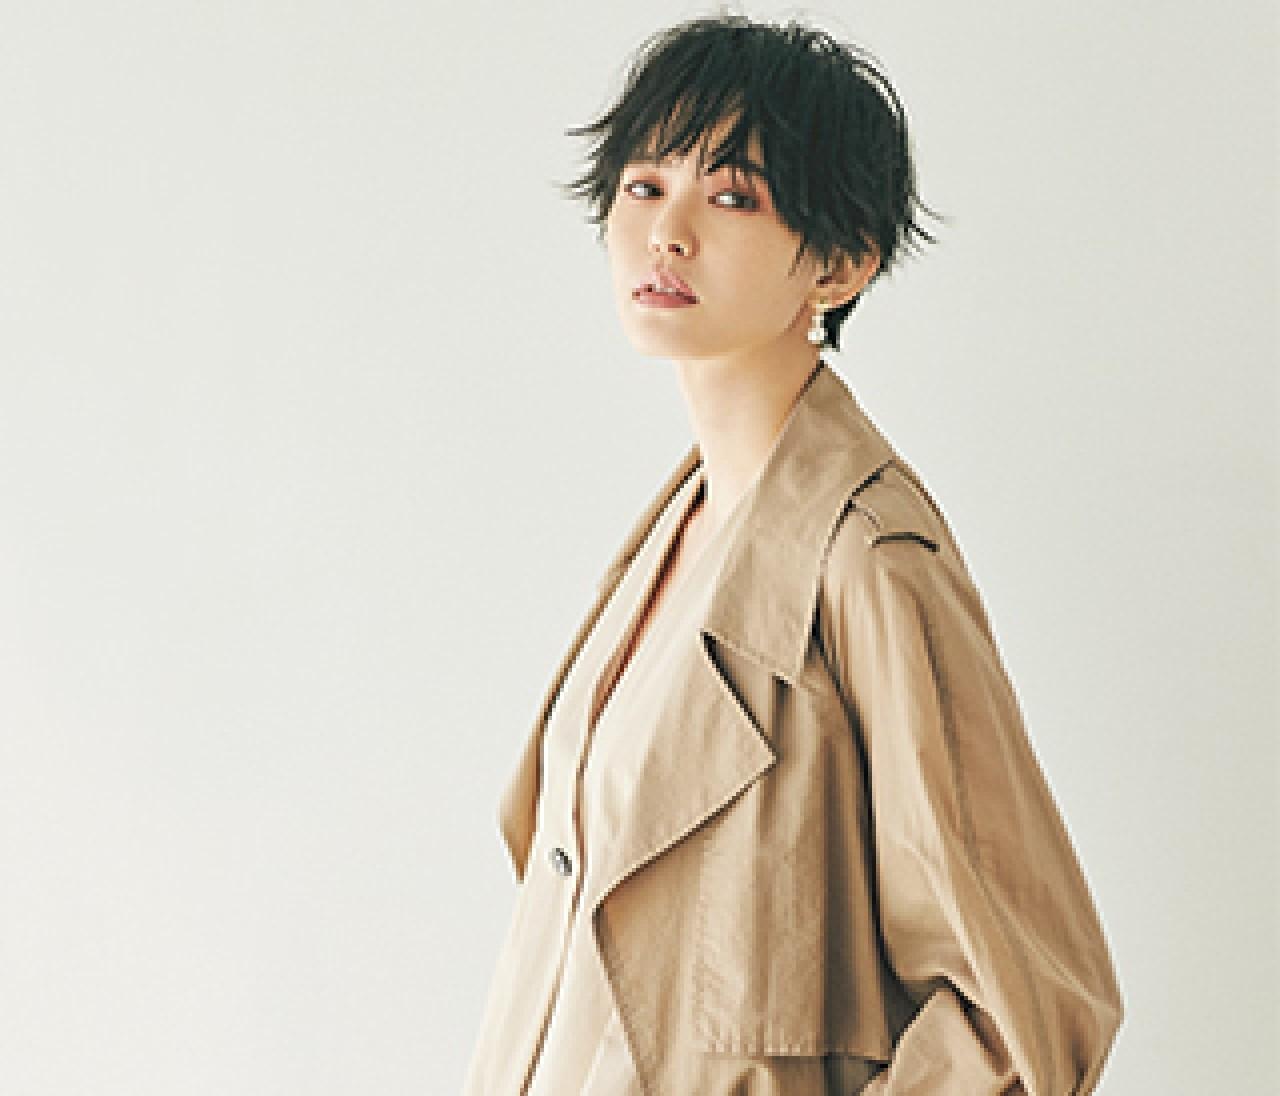 働く女性の魅力を引き出す! 小田切ヒロの【コーポレートシック・メイク】とは?